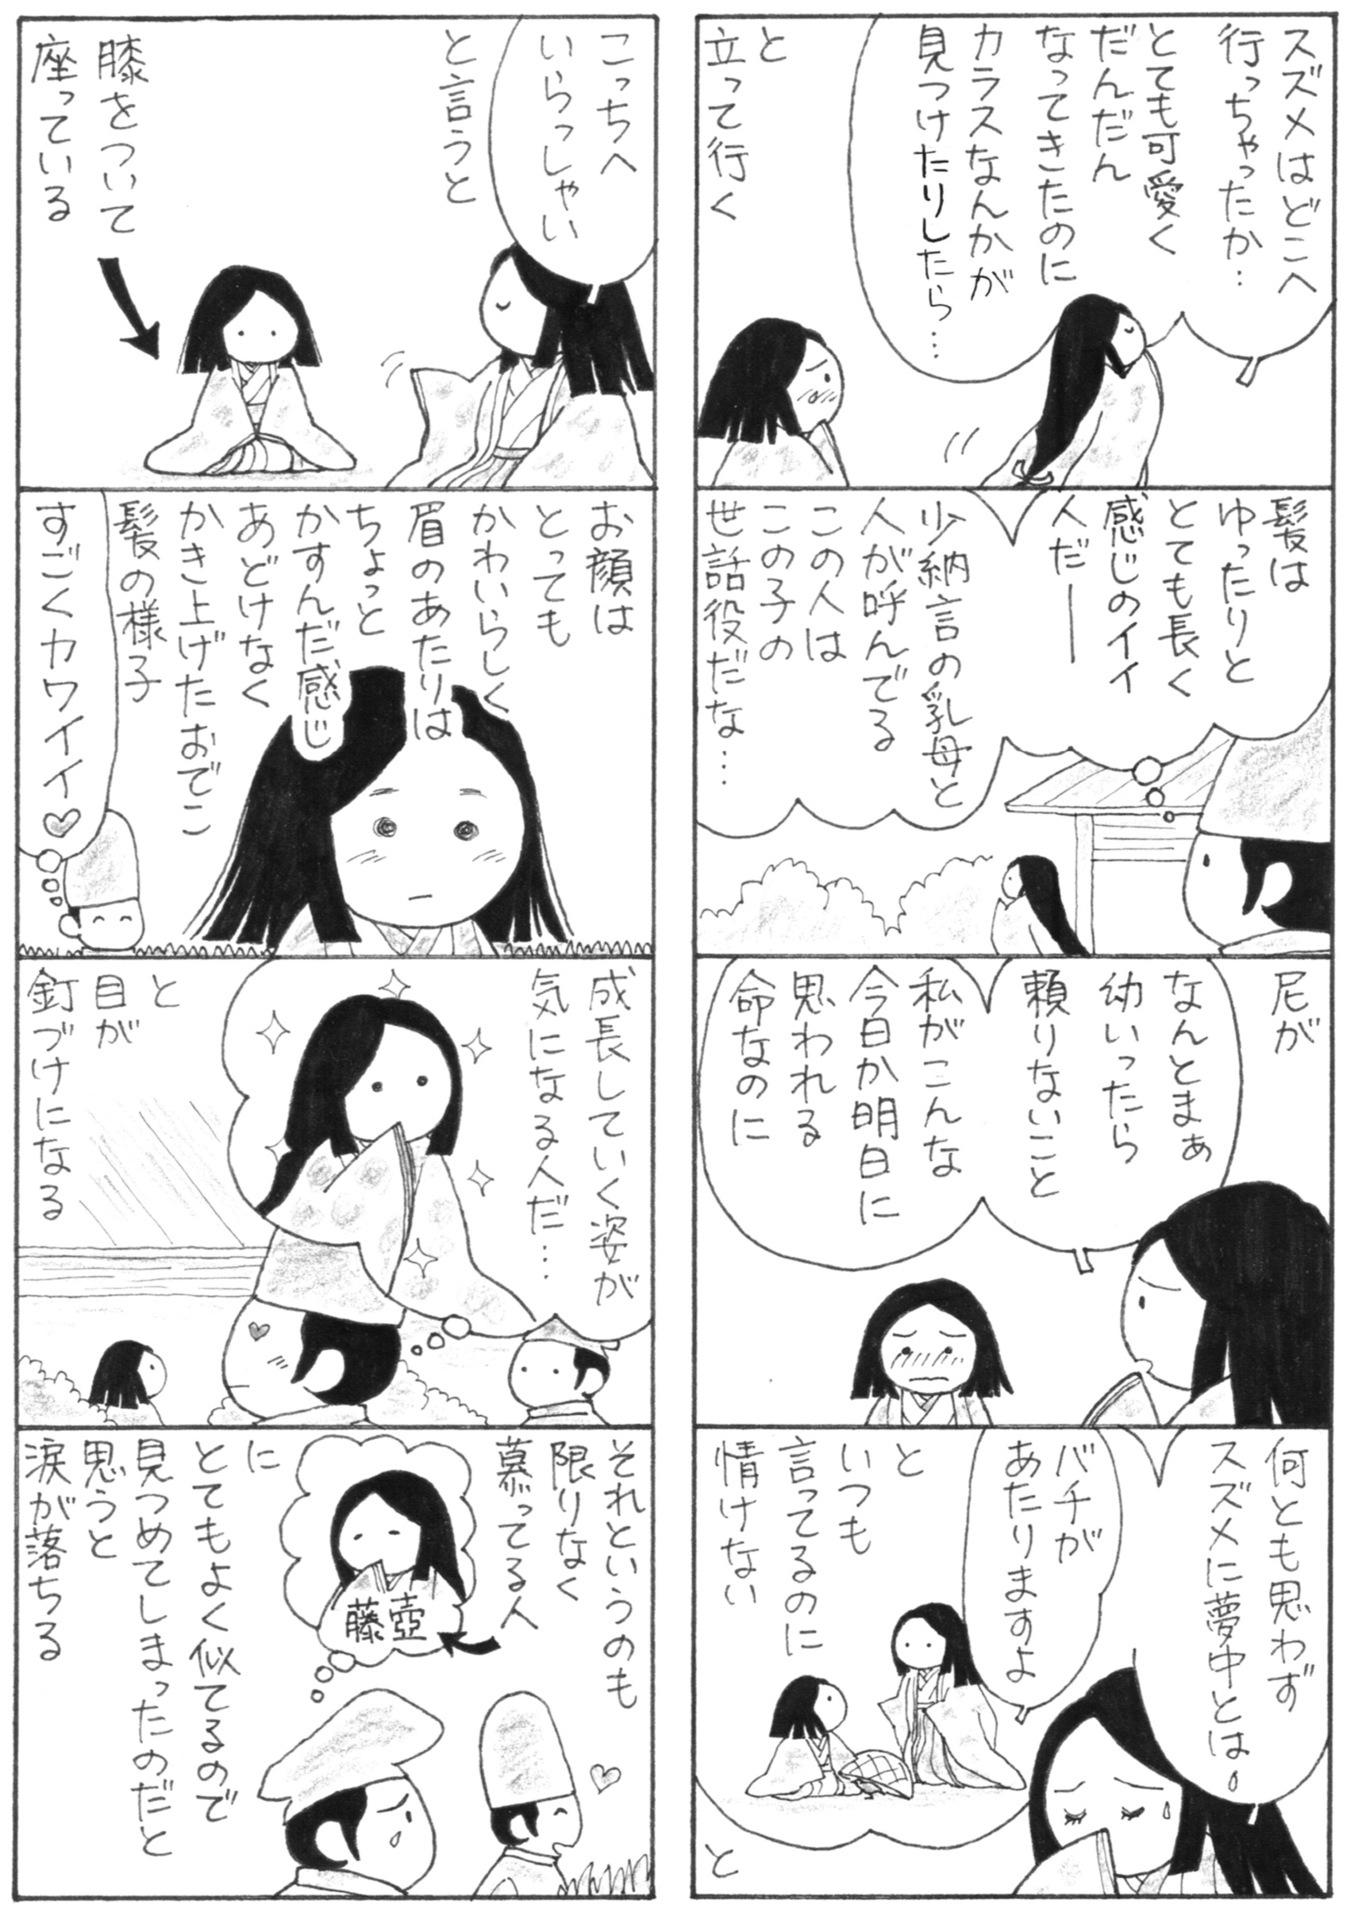 北山 の 訳 現代 物語 語 源氏 垣間見